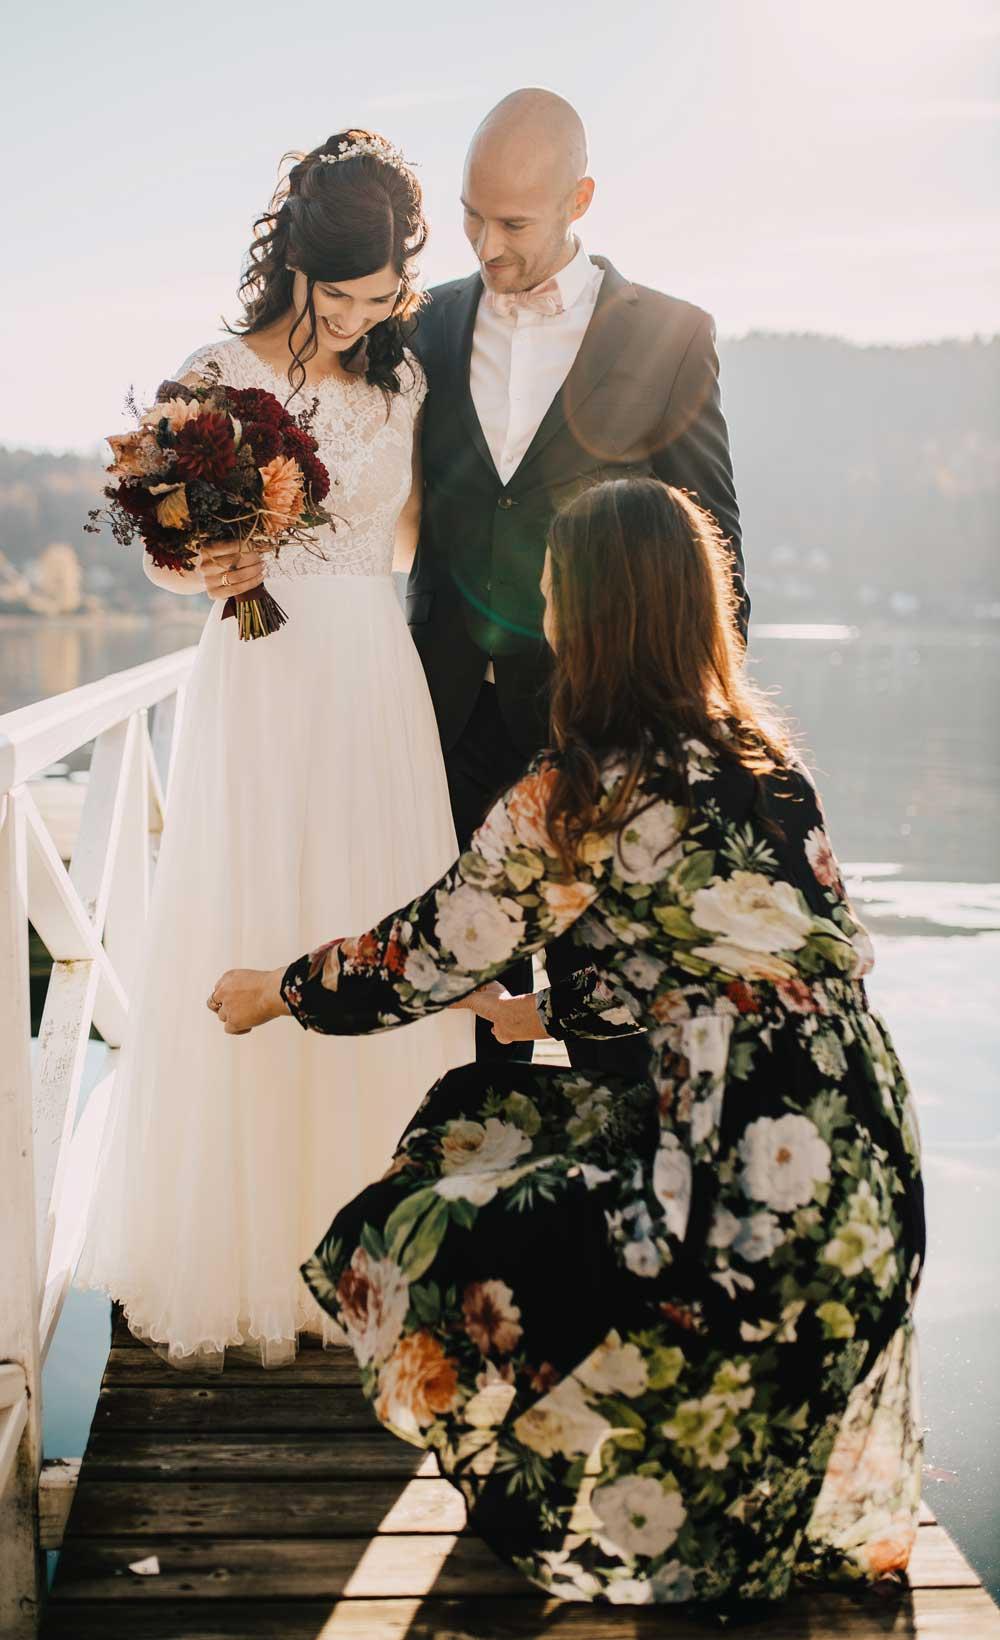 hochzeitsplaner-kaernten-hochzeitsplaner-oesterreich-hochtzeitsplaner-woerthersee-wedding-planner-hochzeitsplanung-trauung-am-woerthersee